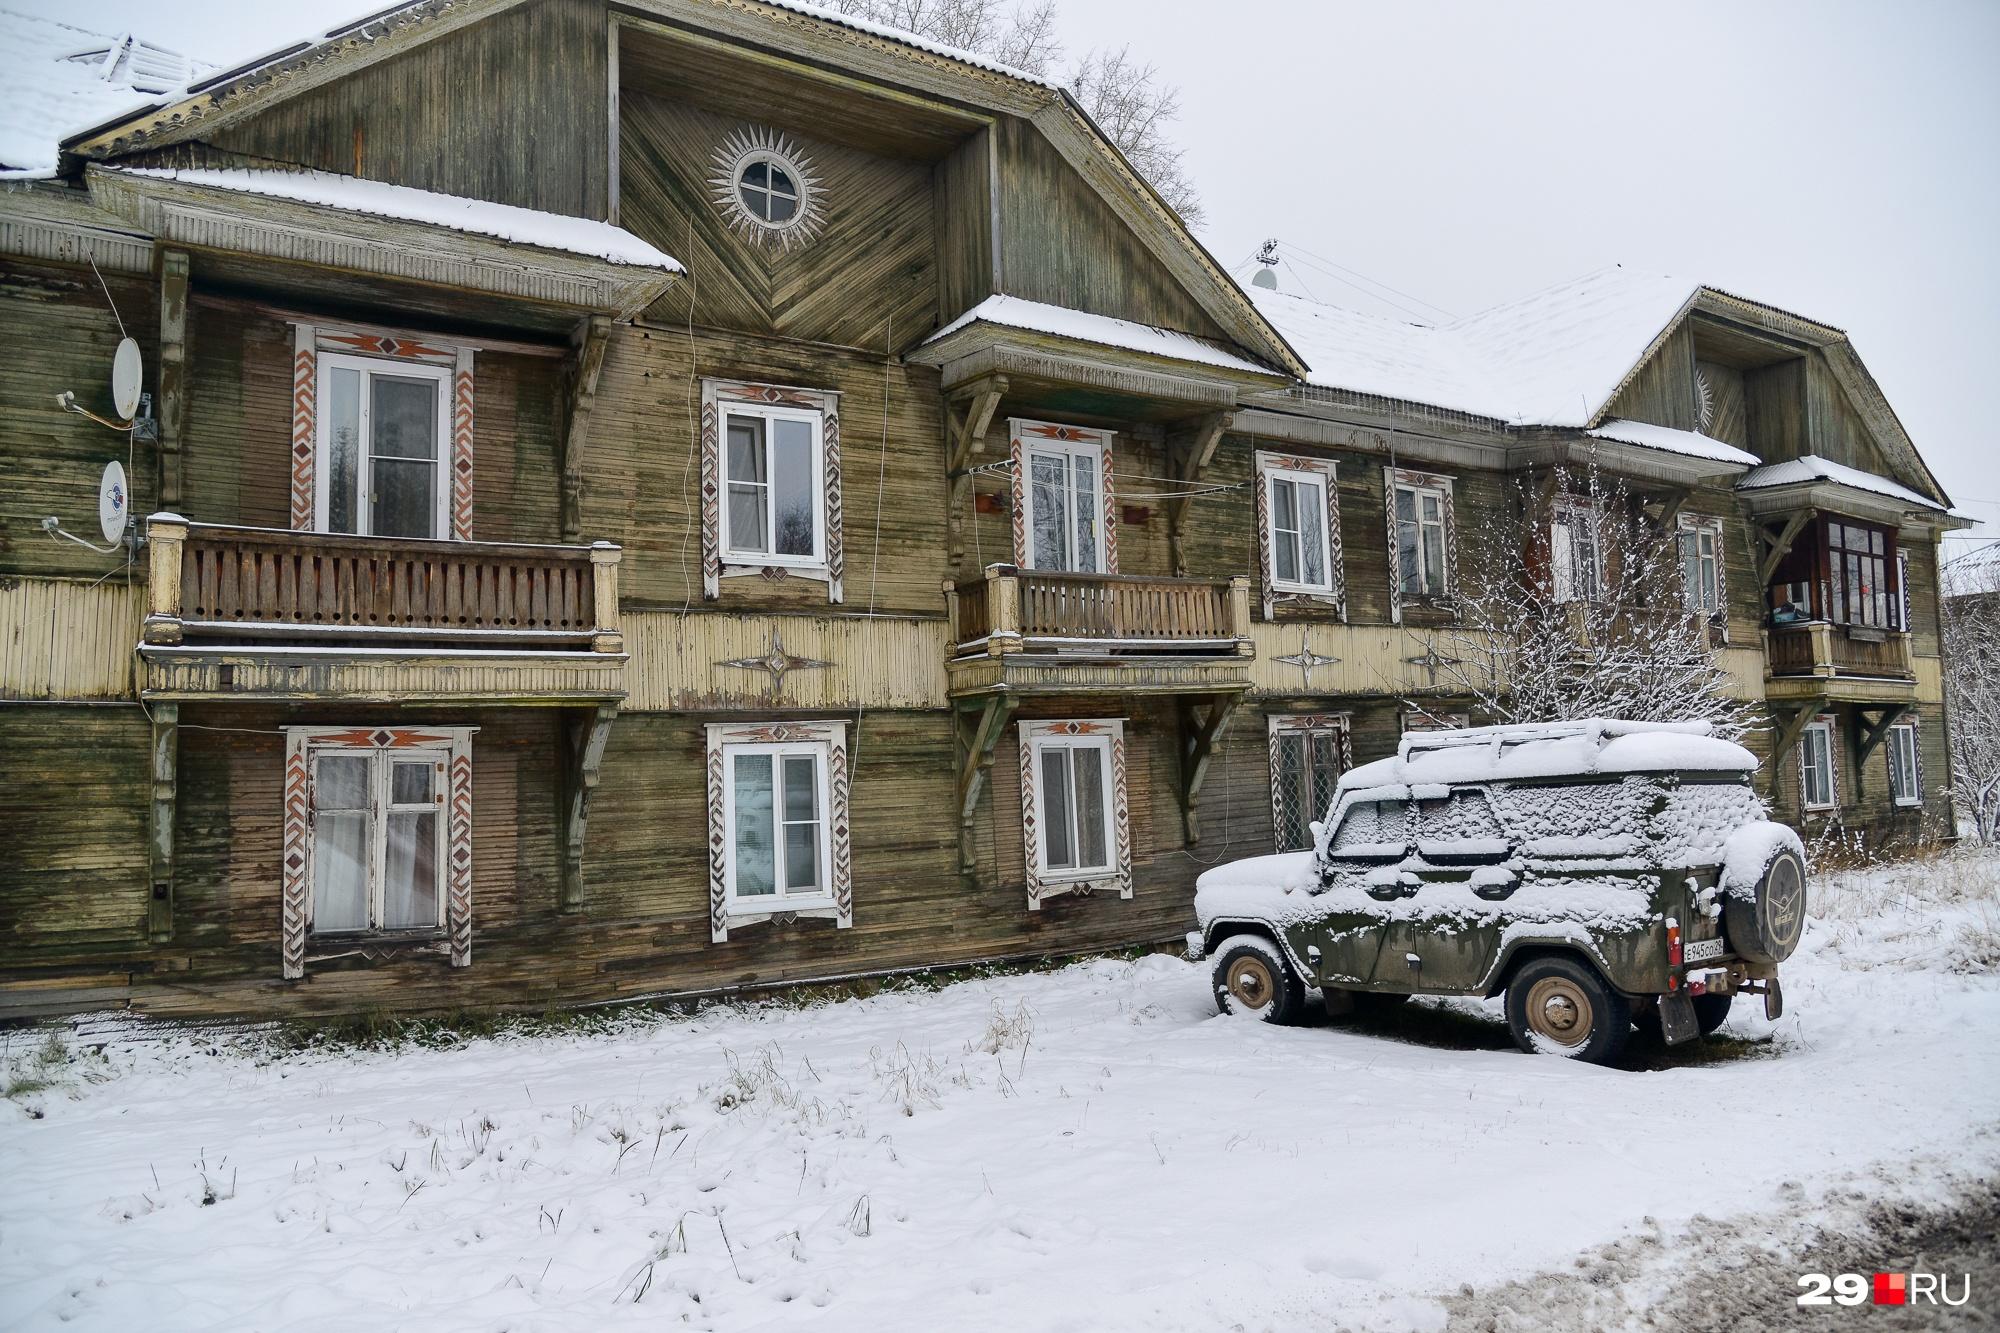 Этот дом стал еще одной жертвой невнимания чиновников и управляющей компании к прошлому поселка рабочих комбината